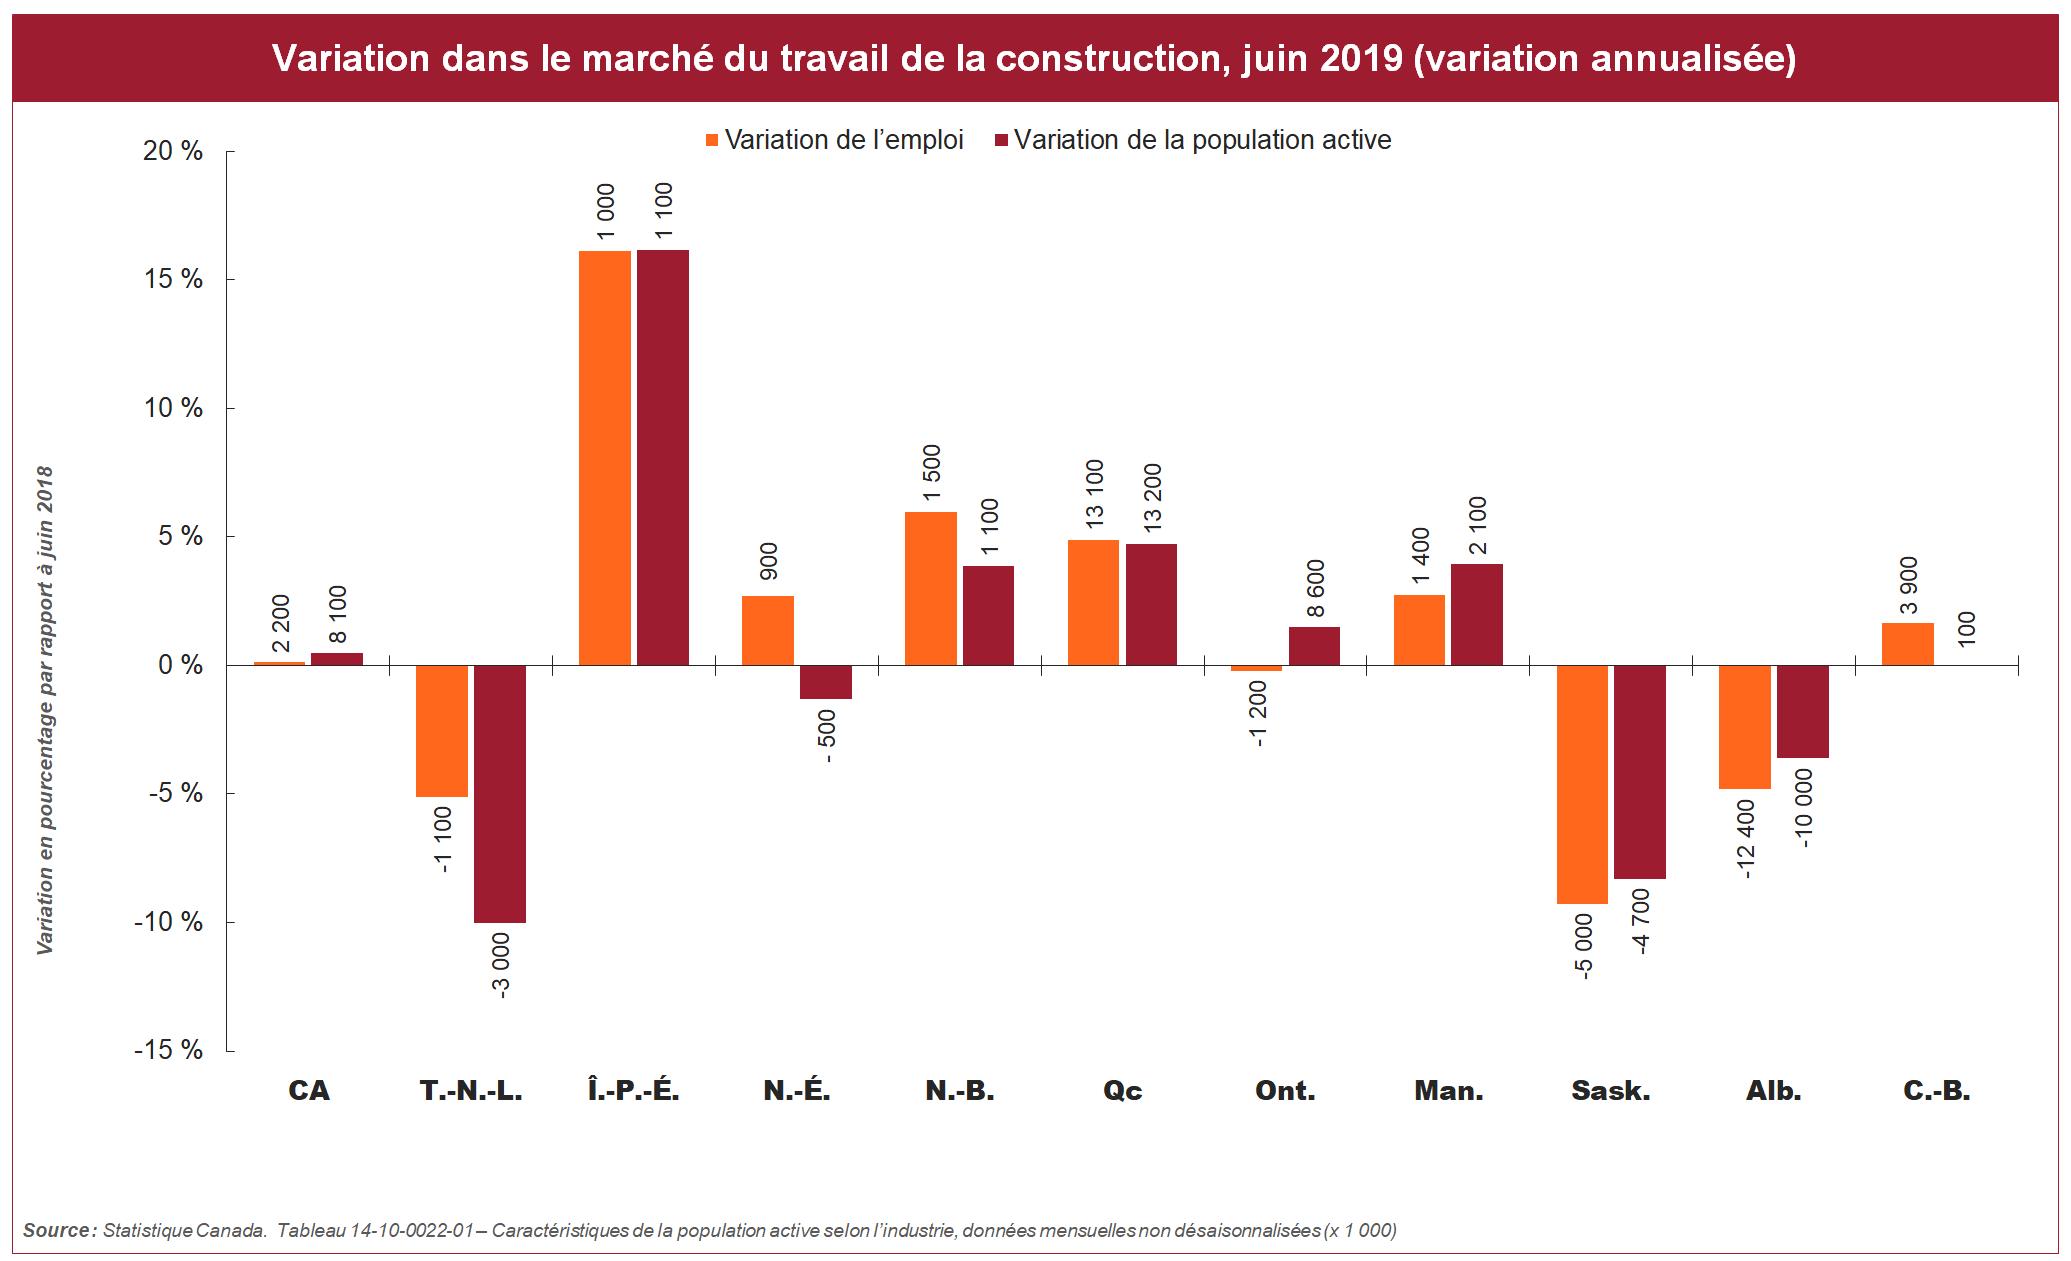 [figure] Variation dans le marché du travail de la construction, juin 2019 (variation annualisée)